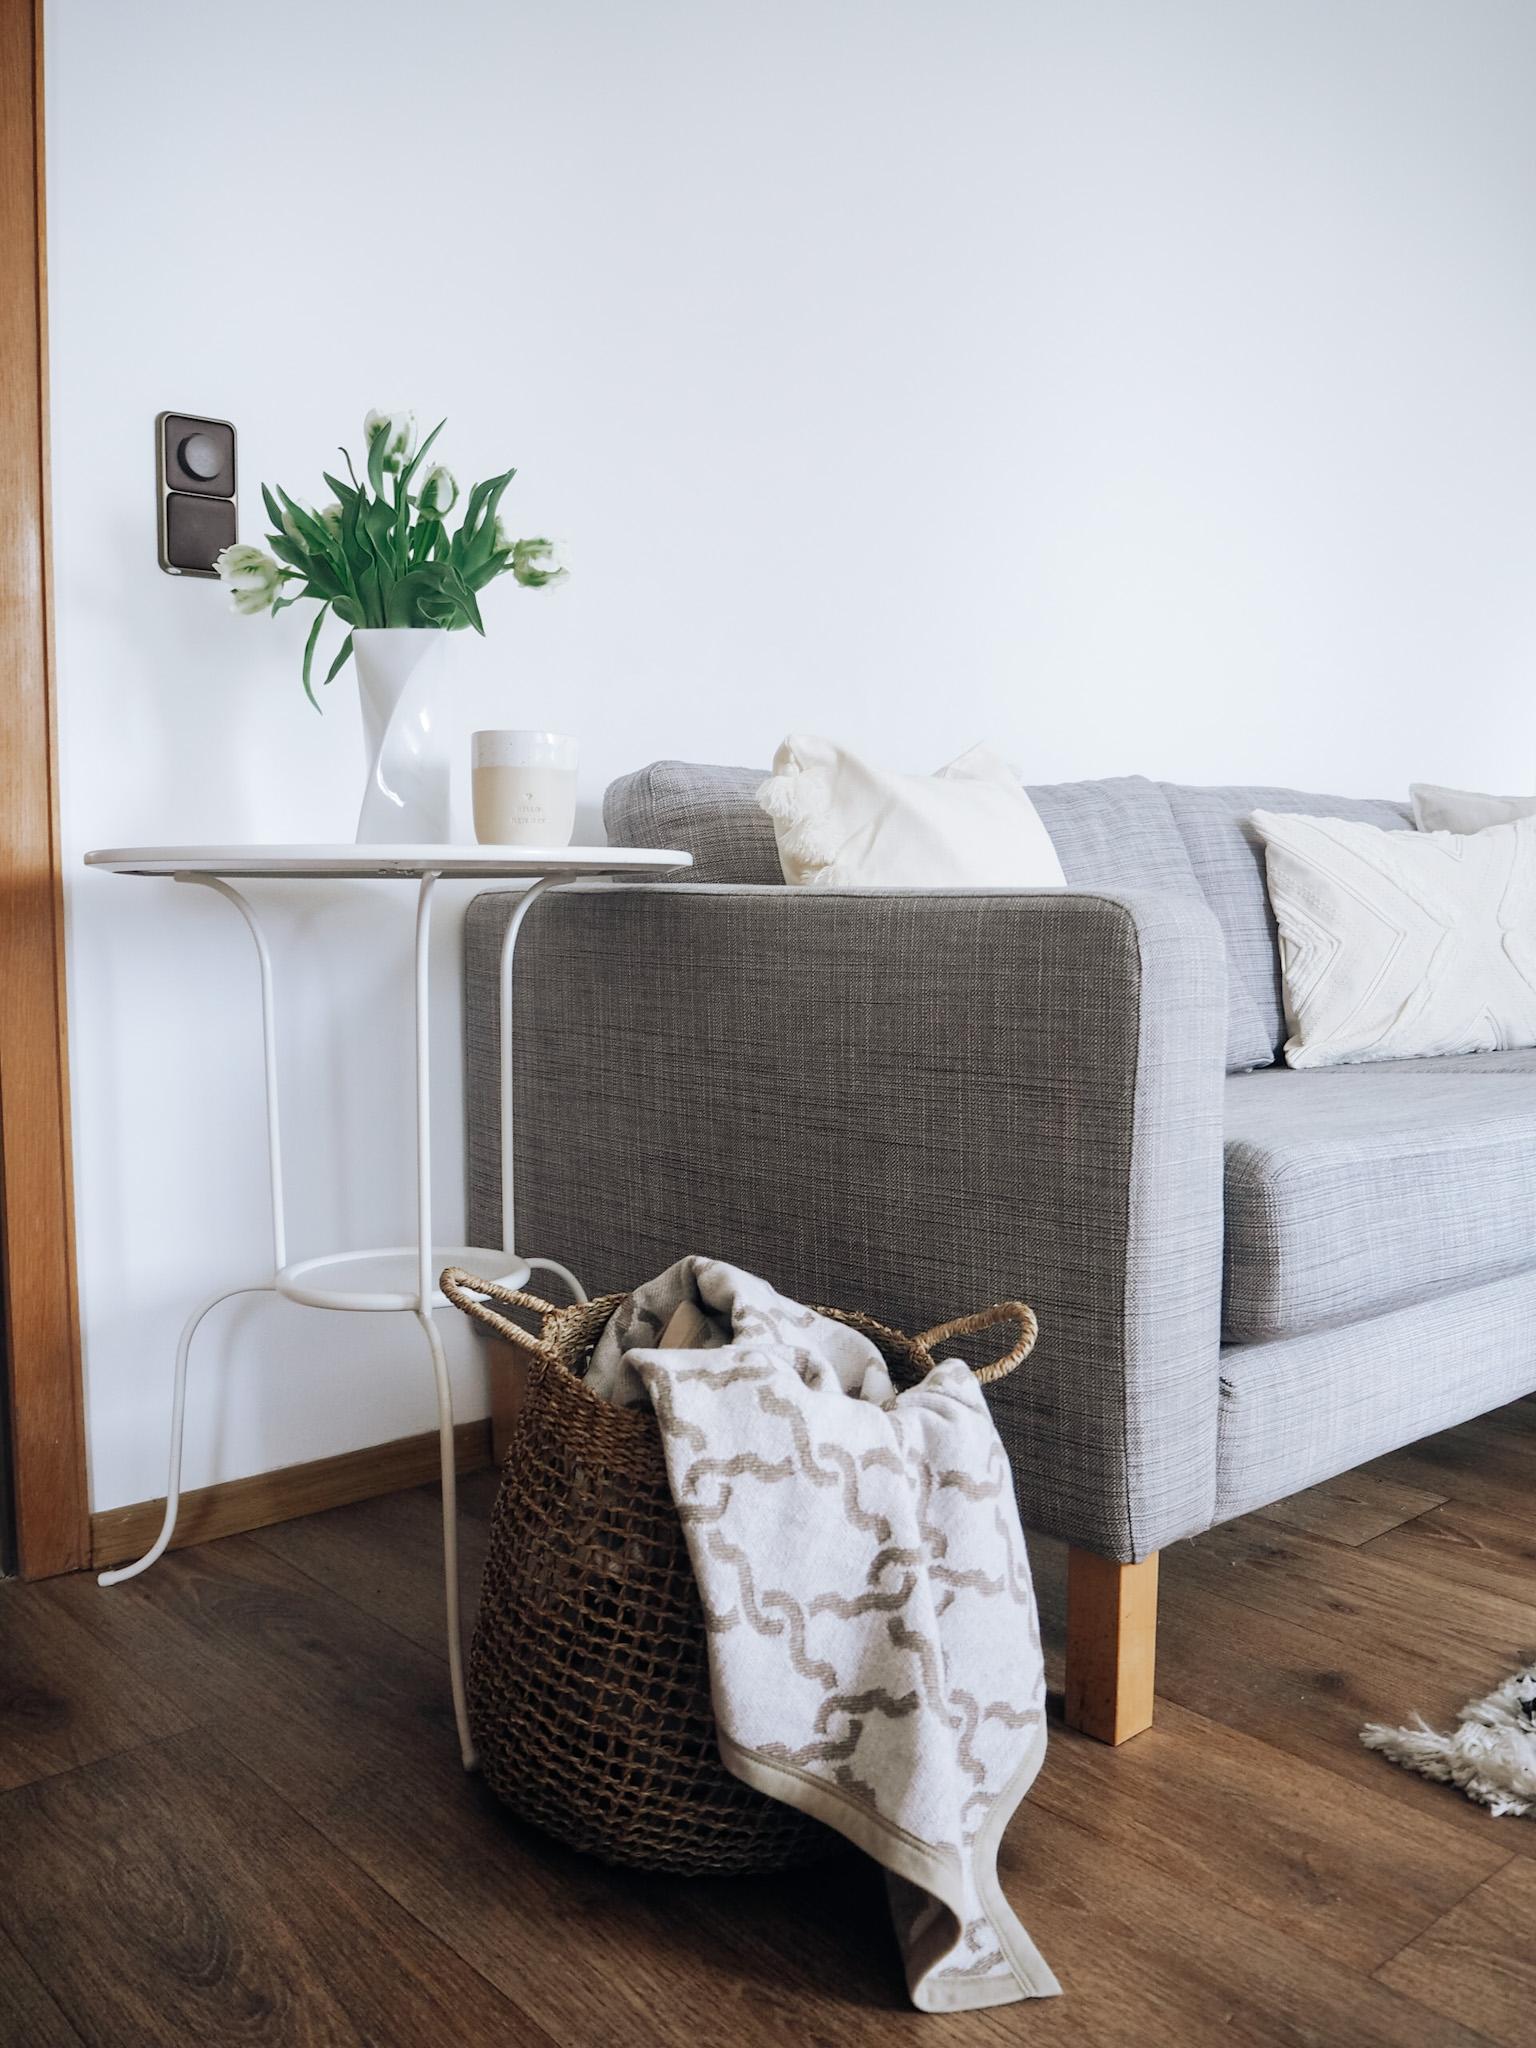 Homestories - Bei Lesern Zuhause - Homestory: Bei Monika passt alles zusammen - so geht's einfach Desmondo dein online Magazin und Shop